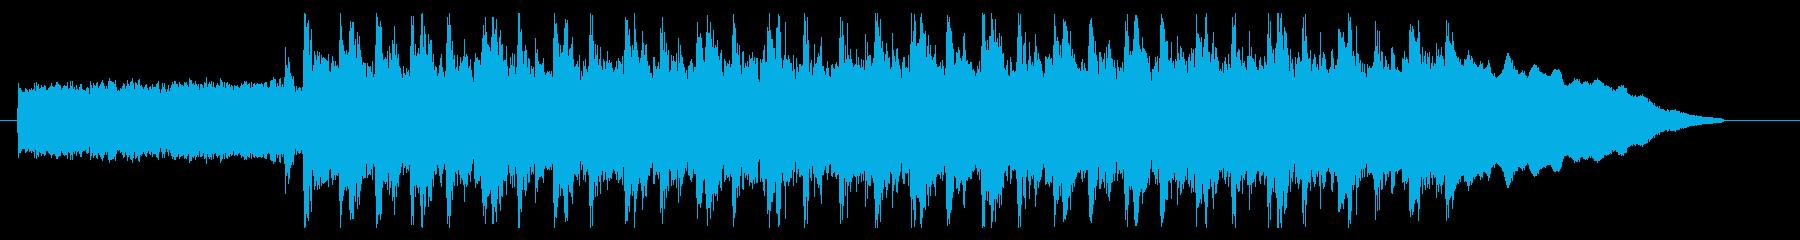 【エレキギター】疾走感のあるロックの再生済みの波形